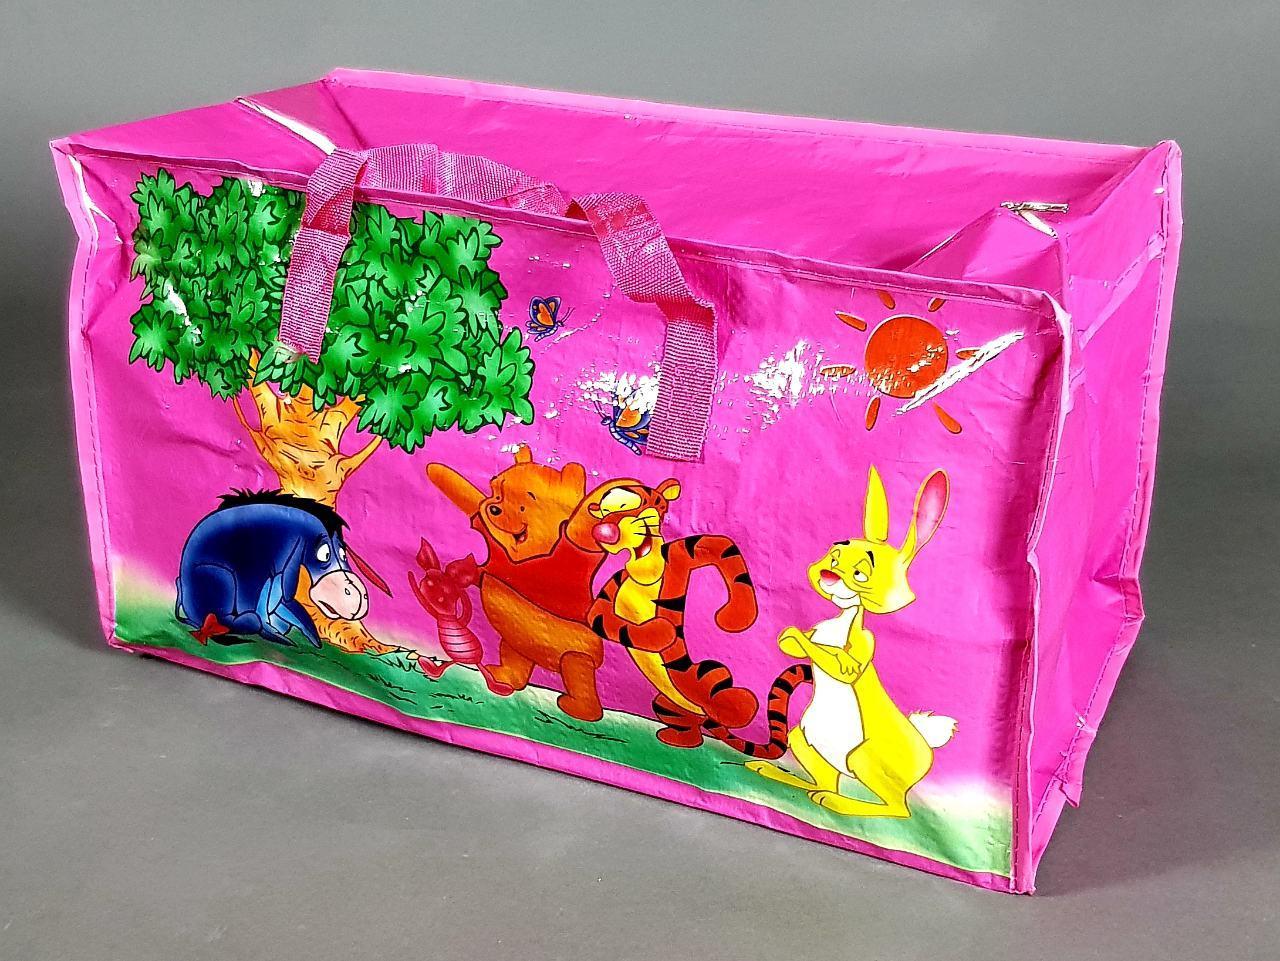 Сумка детская  баул винни пух   для девочки розовая  большой